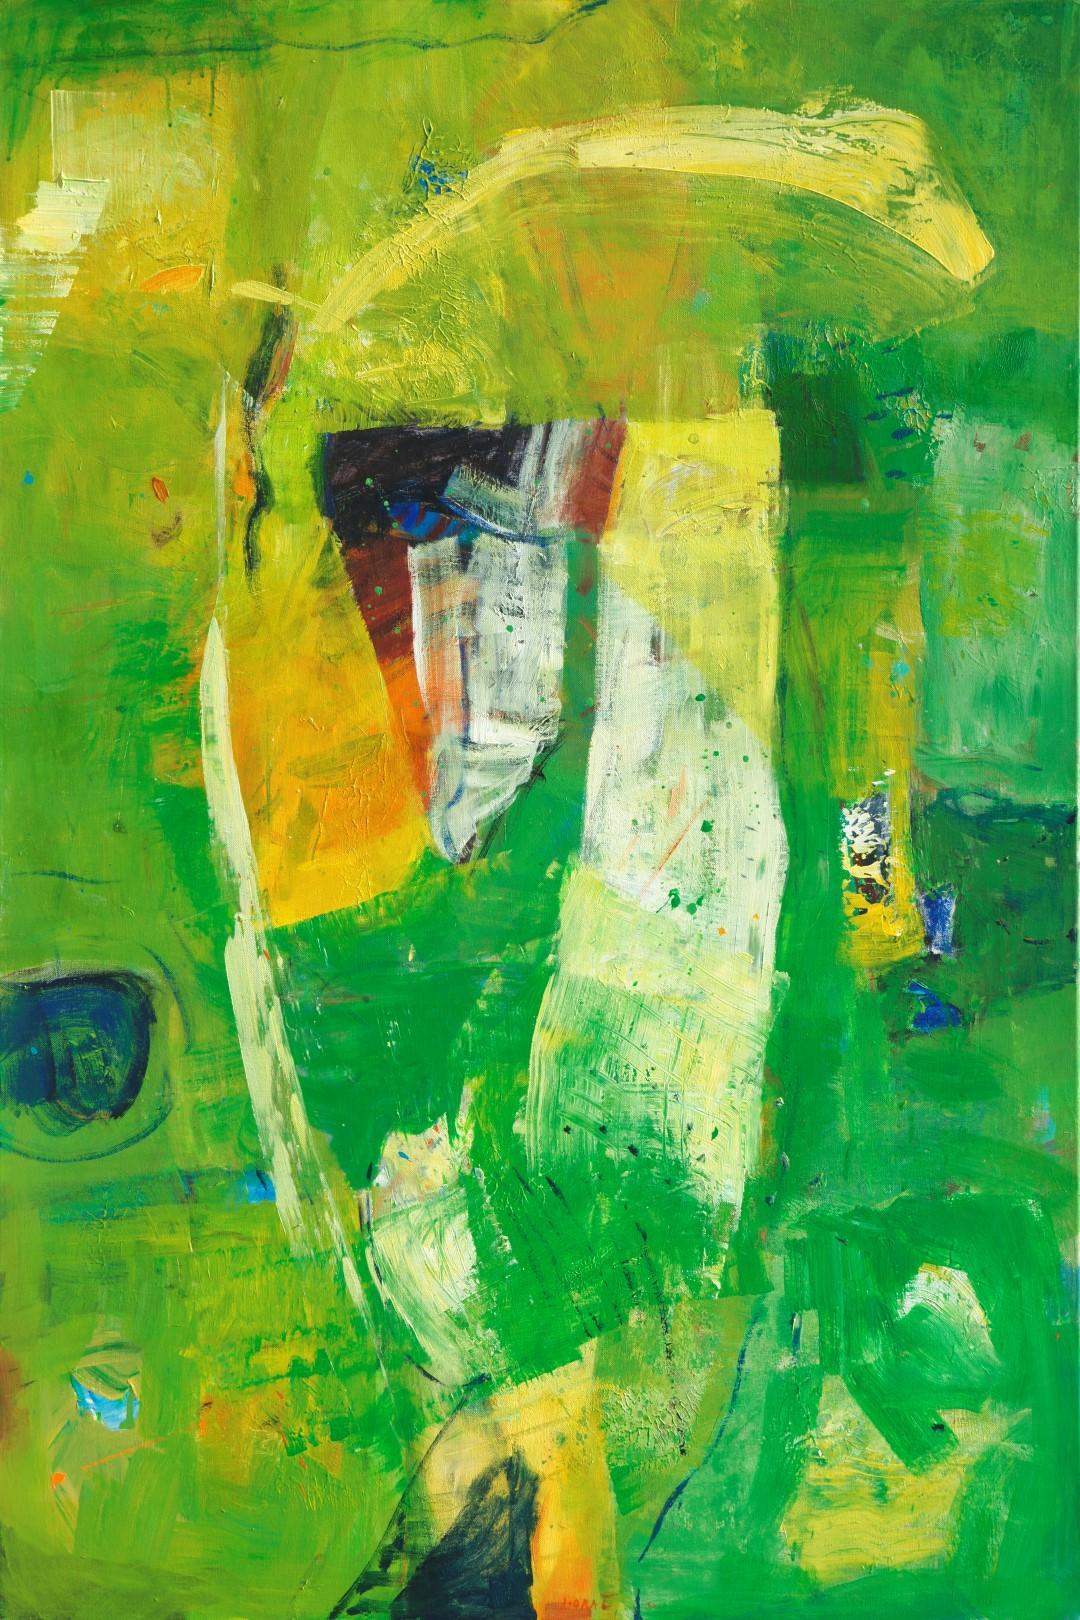 iz cikla CVETOČI VRTOVI,  2010, akril pl., 150 x100 cm